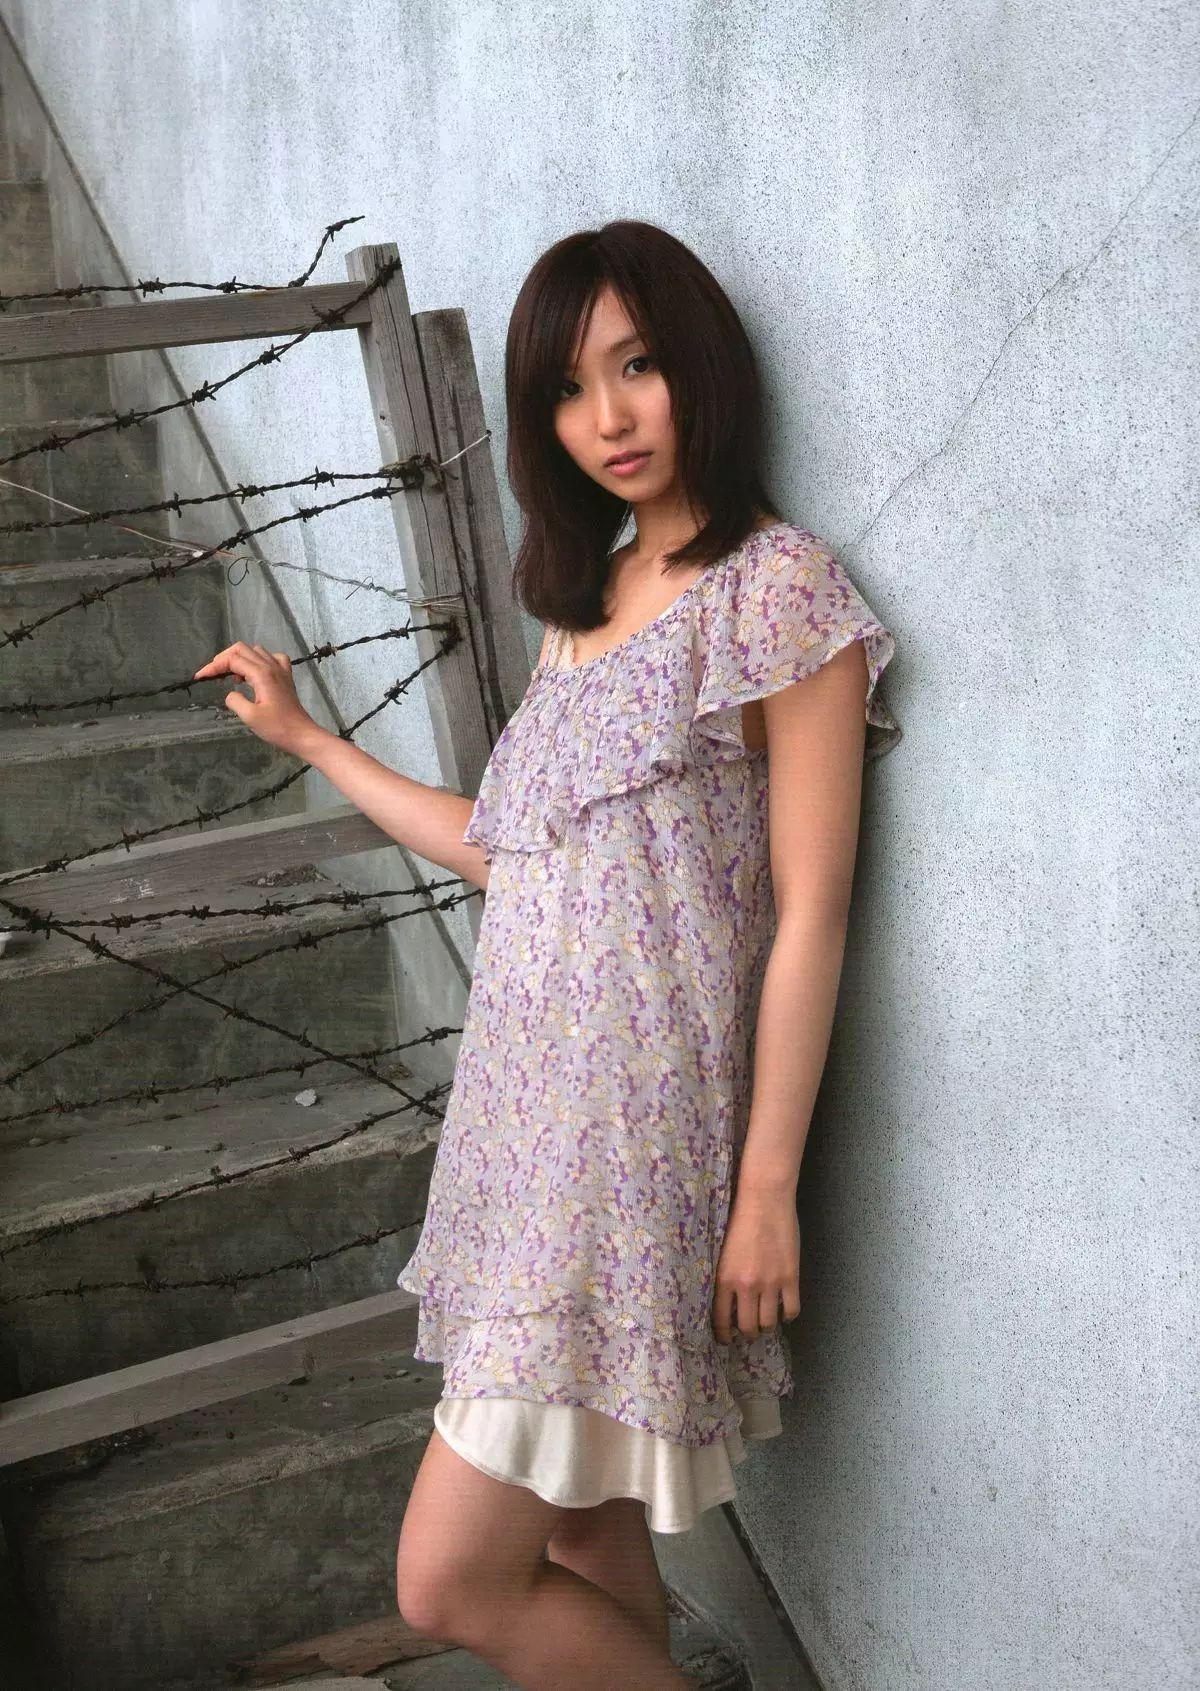 着装性感春光无限的吉木梨纱写真作品 (2)